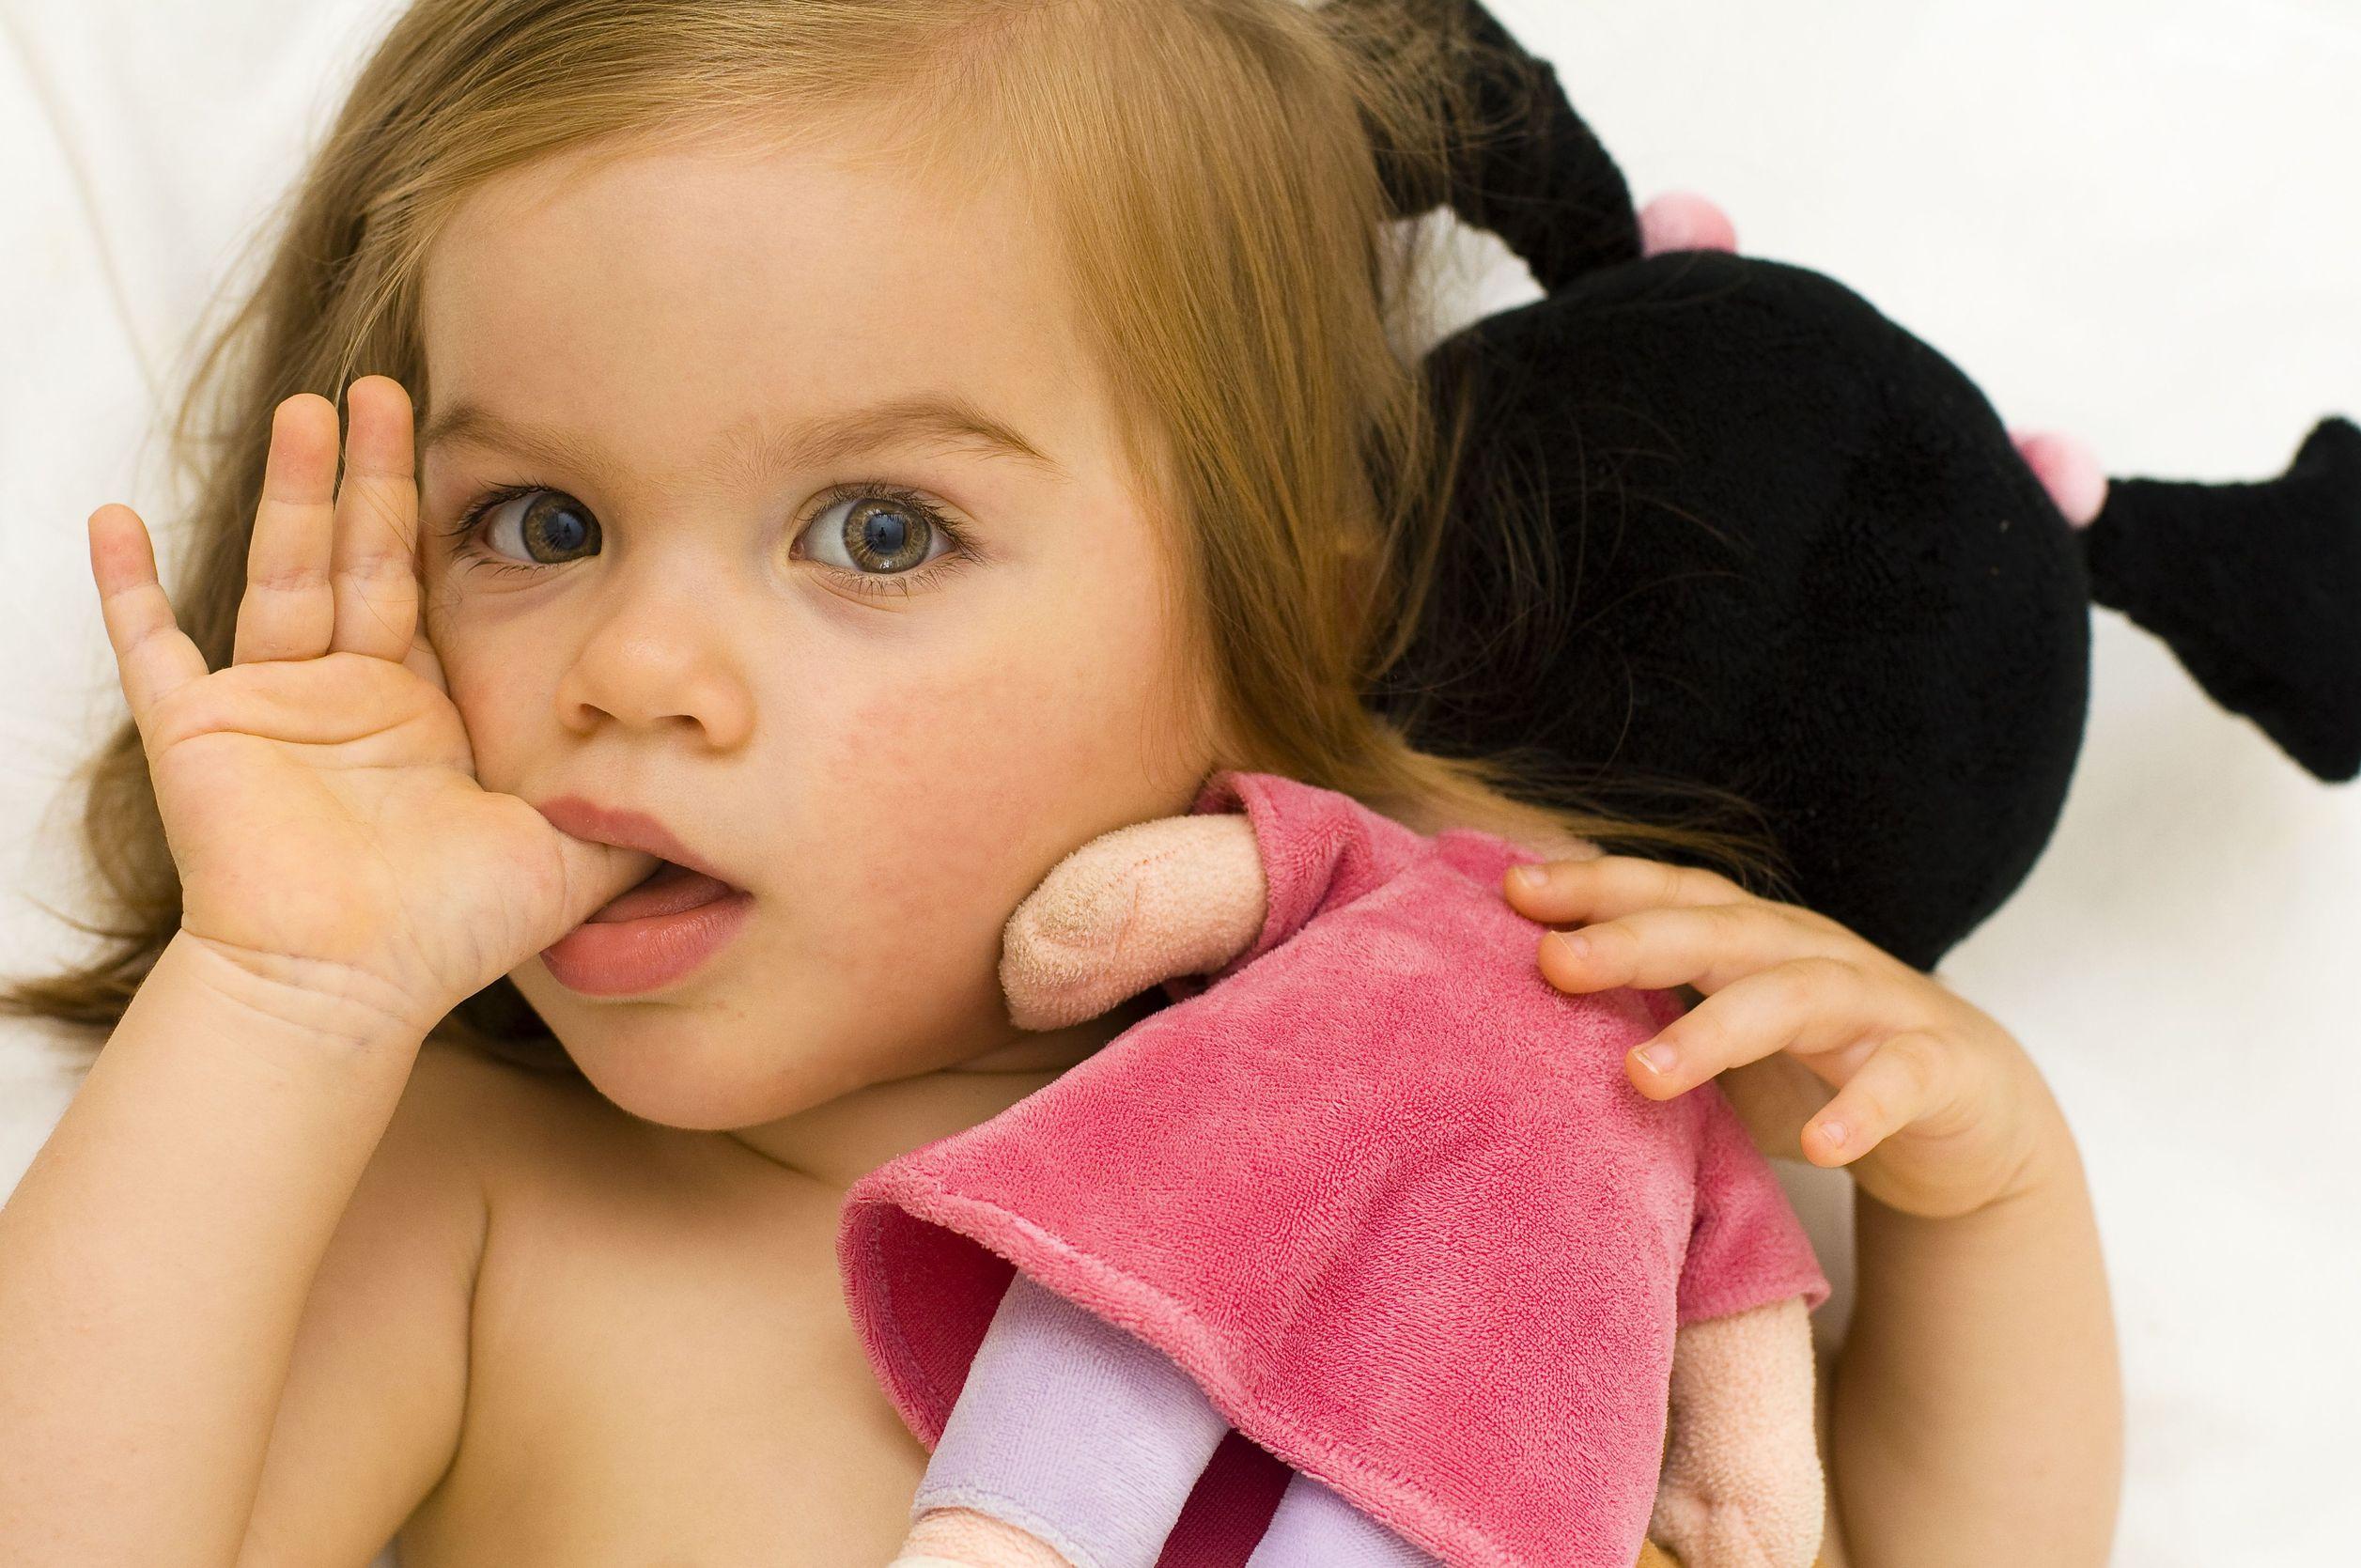 Szopja az ujját a gyerek? Legalább nem lesz allergiás!